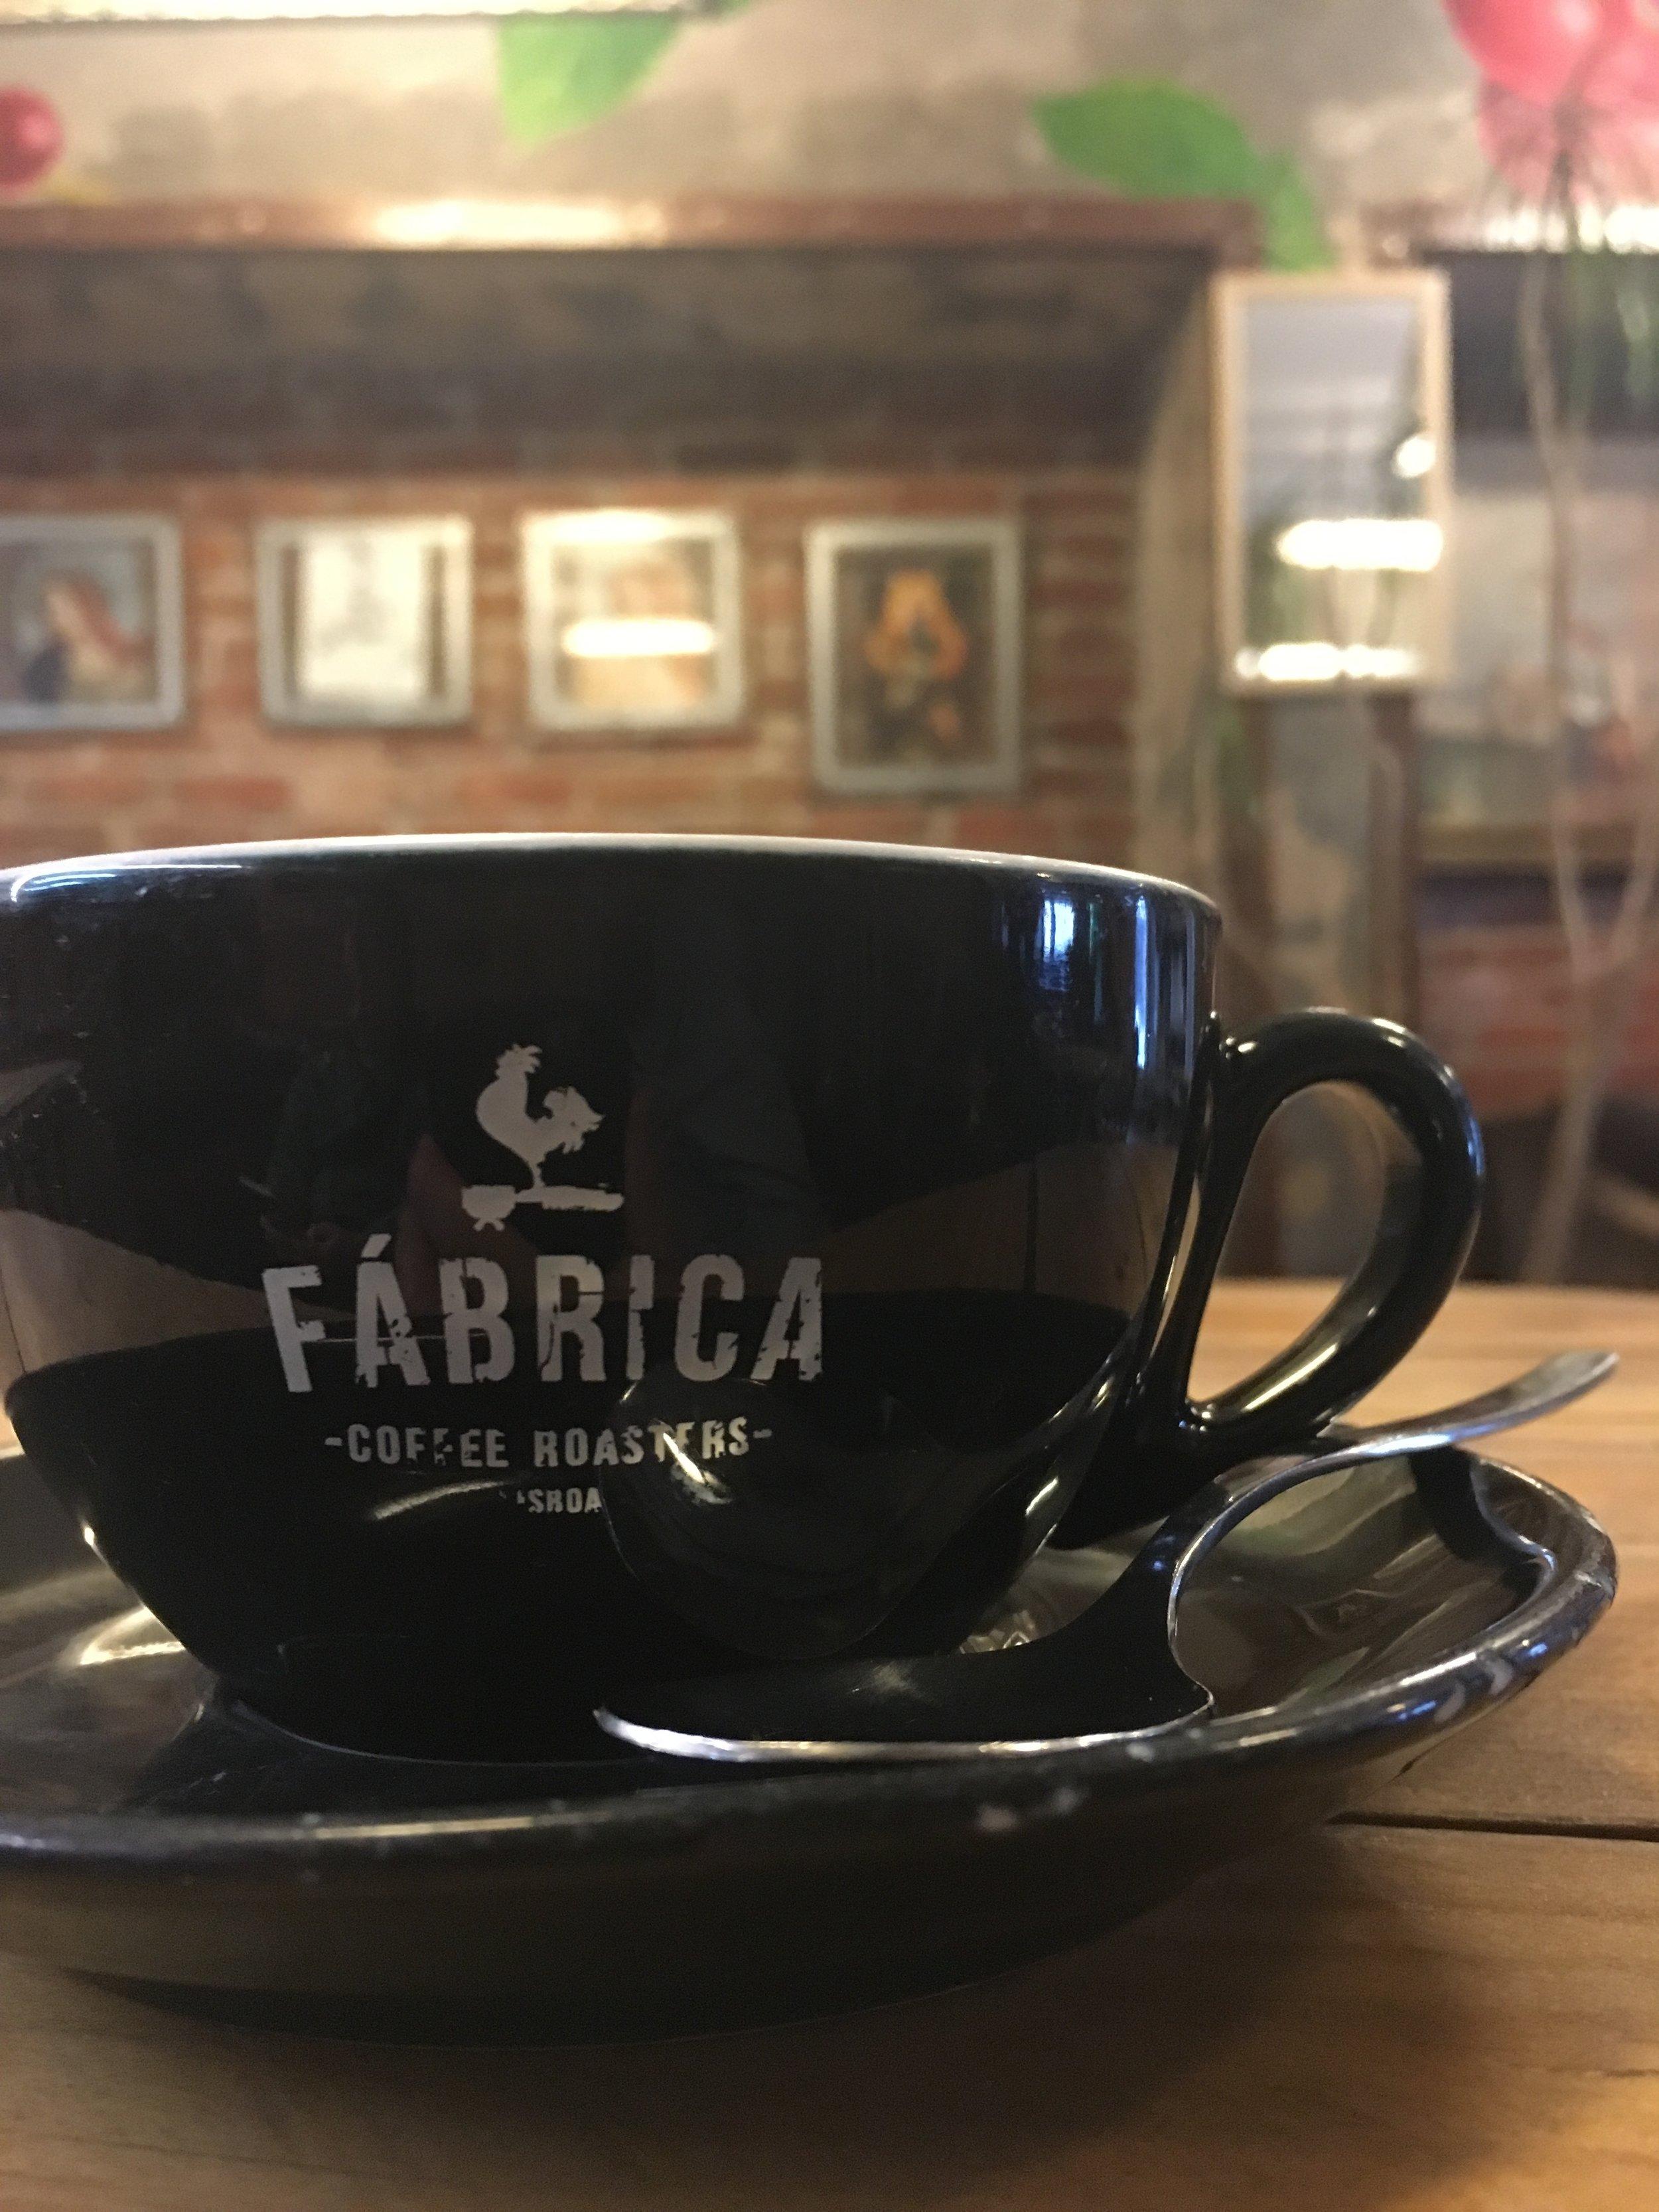 Best Coffee Shop in Lisbon- Fabrica Coffee Roasters